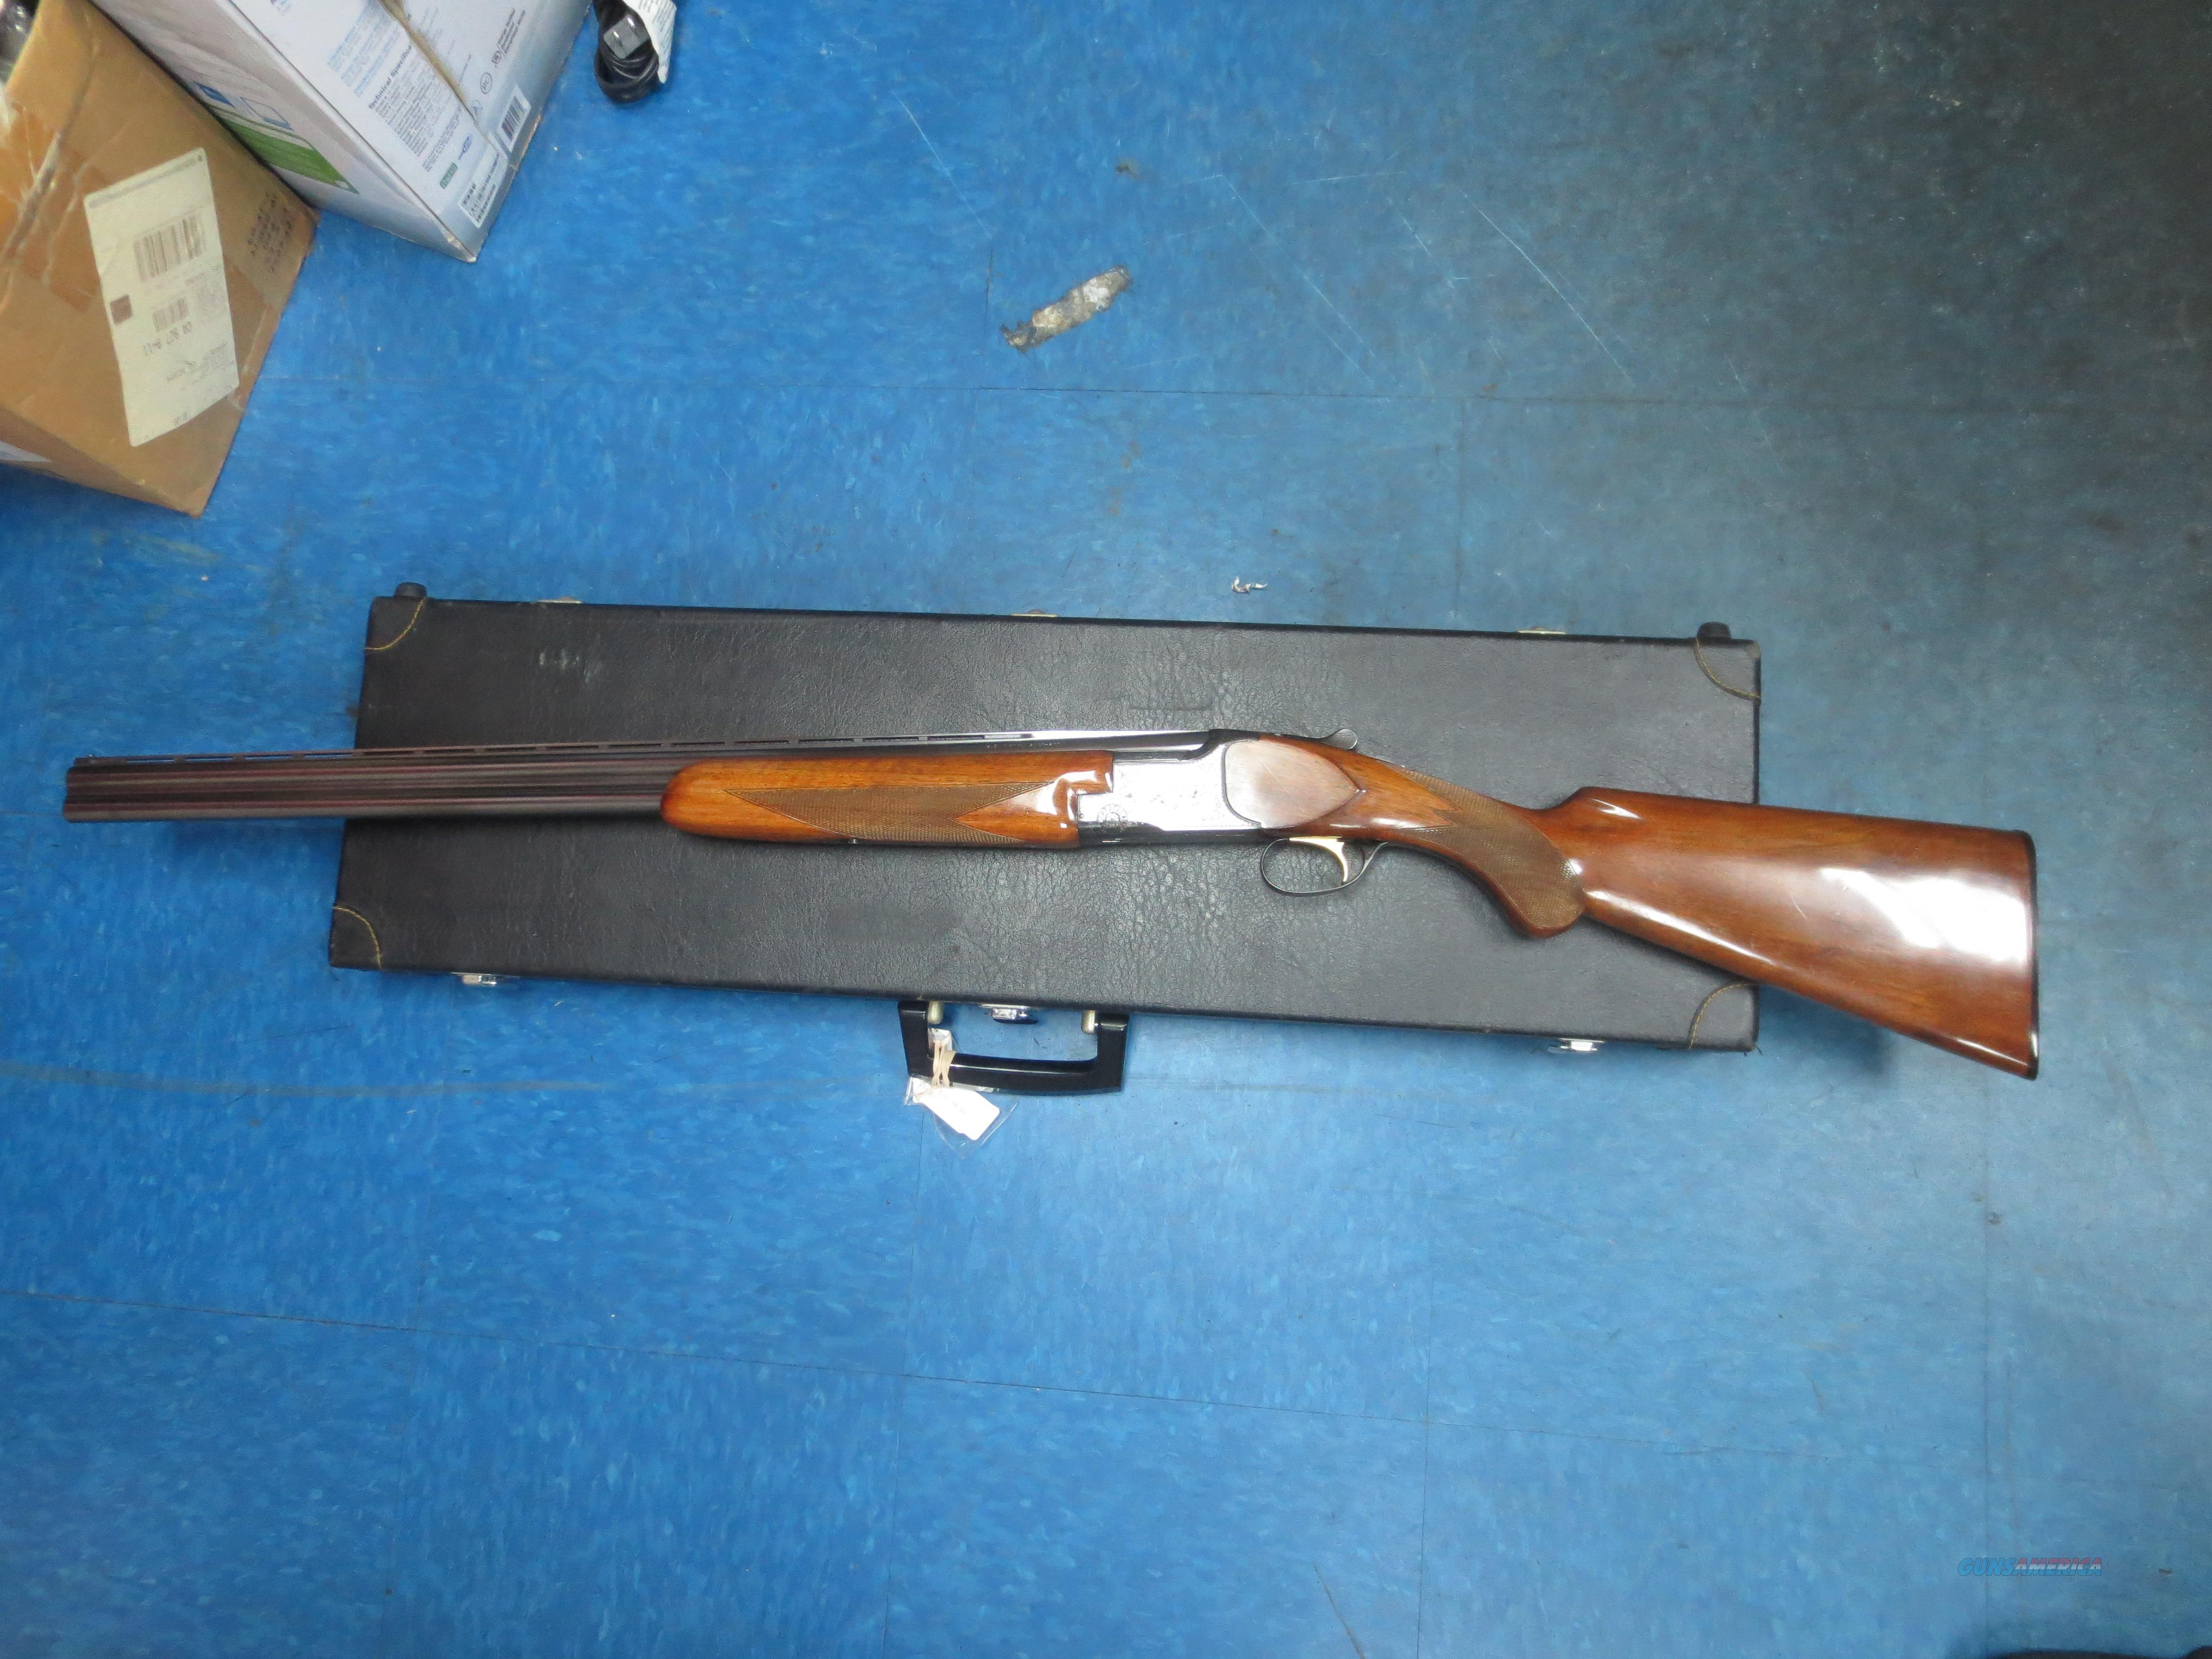 Miroku O/U Double Barrel Shotgun 28 Gauge   Guns > Shotguns > Miroku Shotguns